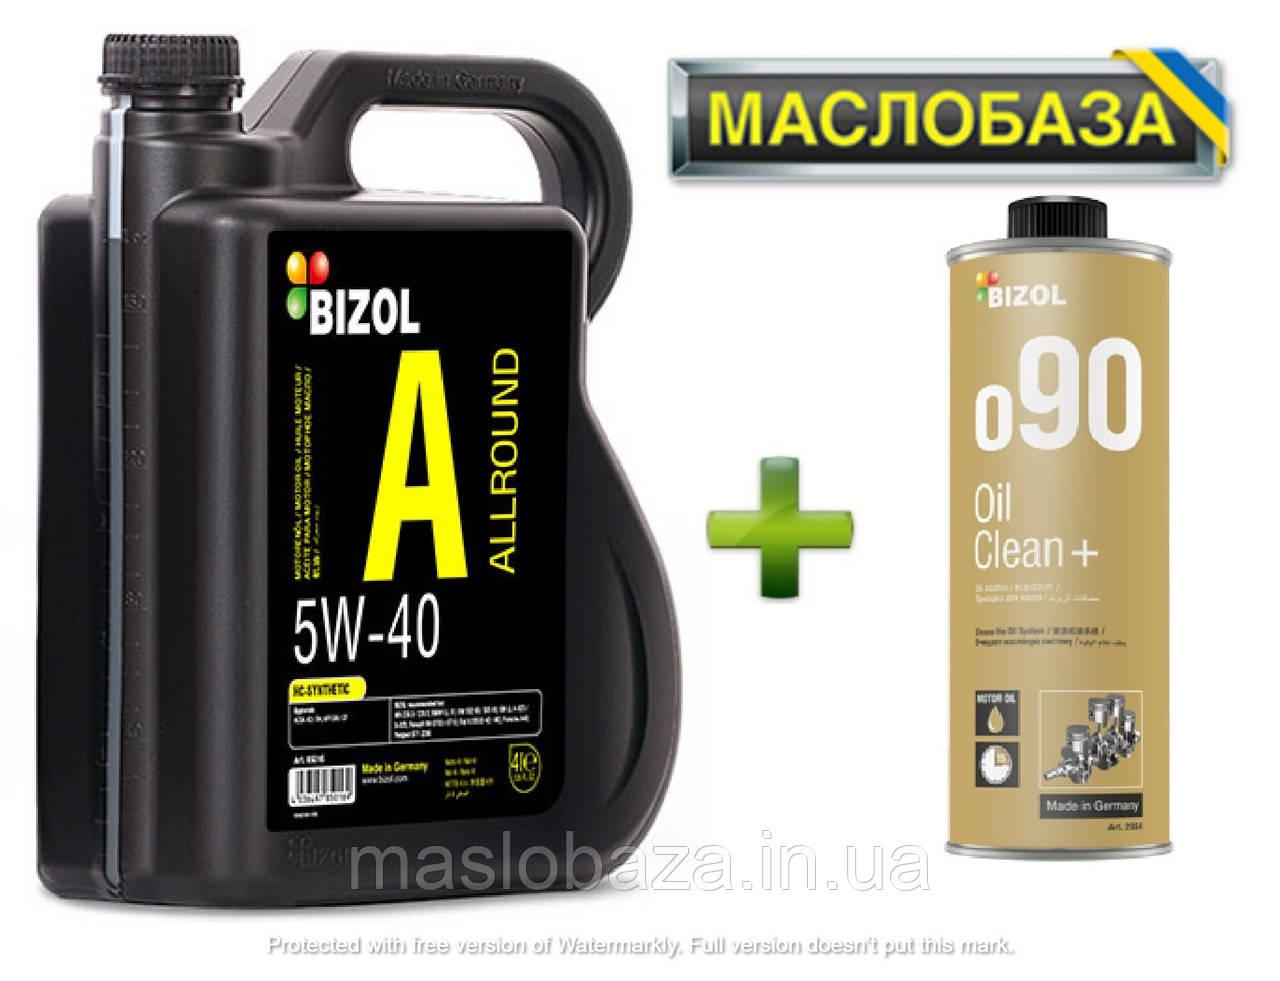 Синтетическое моторное масло - BIZOL Allround 5W-40 4 + Промывка масляной системы - BIZOL Oil Clean+ o90 0,25л